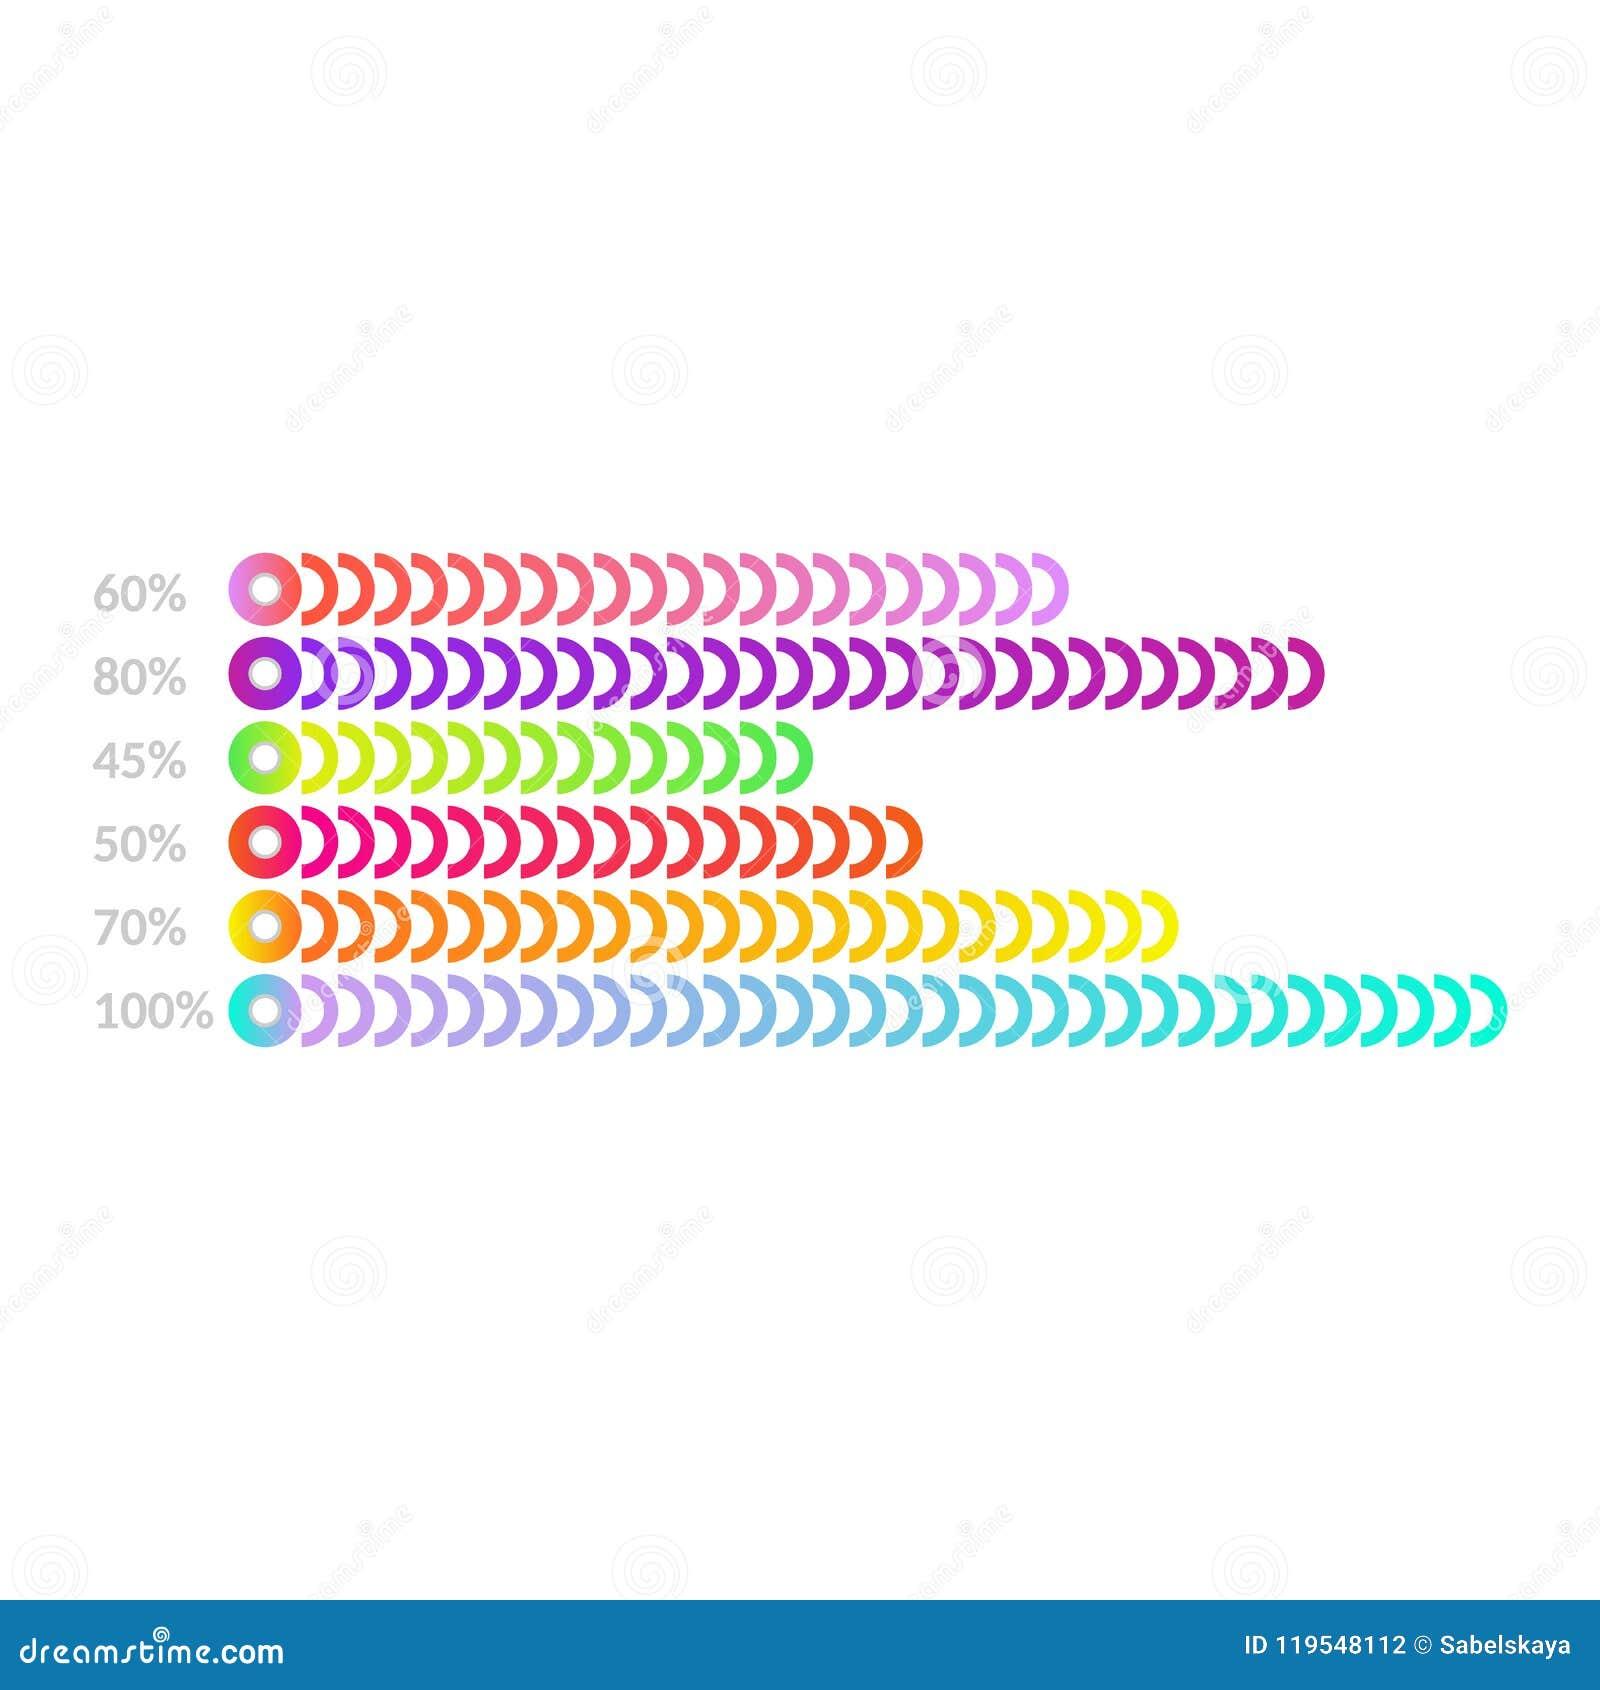 horizontal bar chart template business flat design graph for